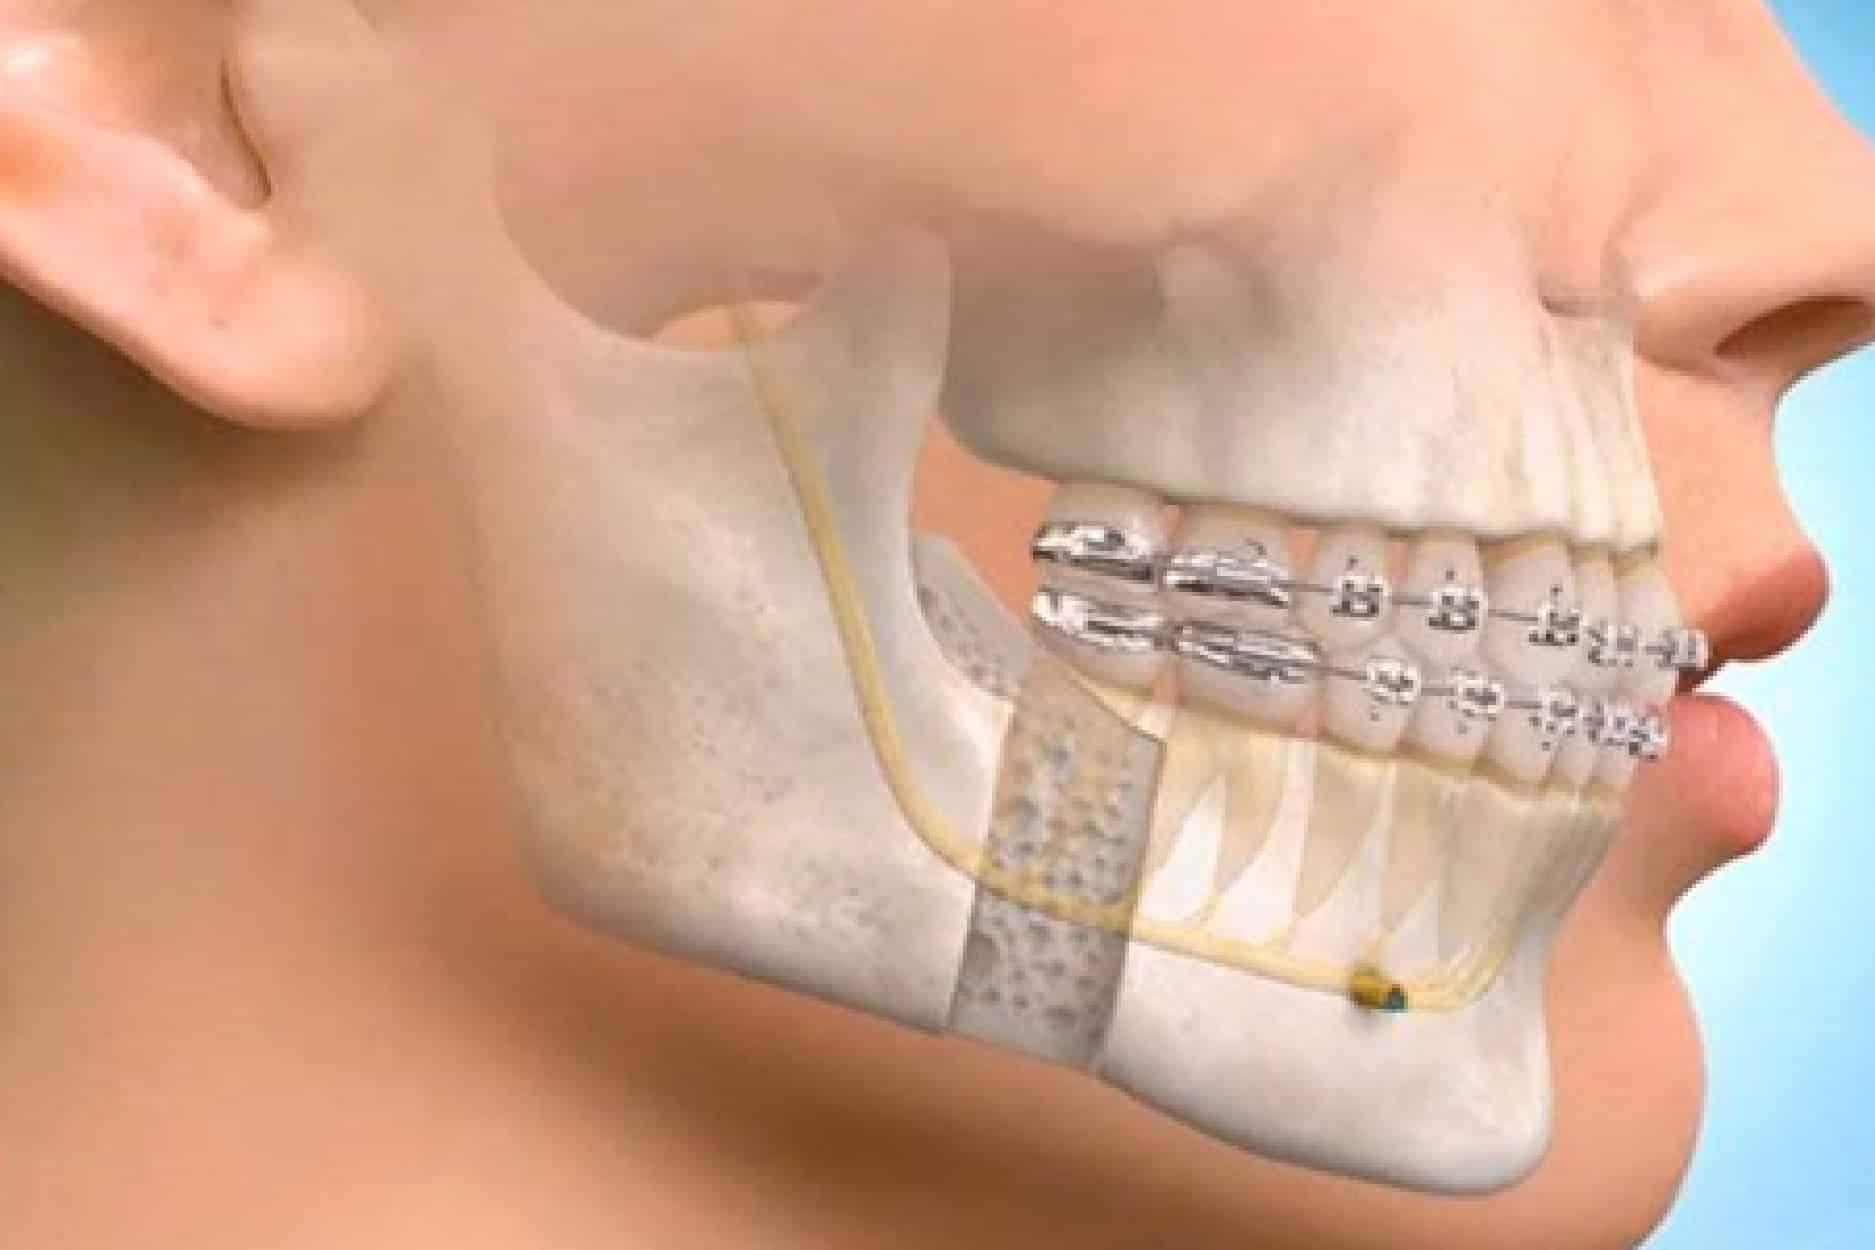 cirurgia do maxilar